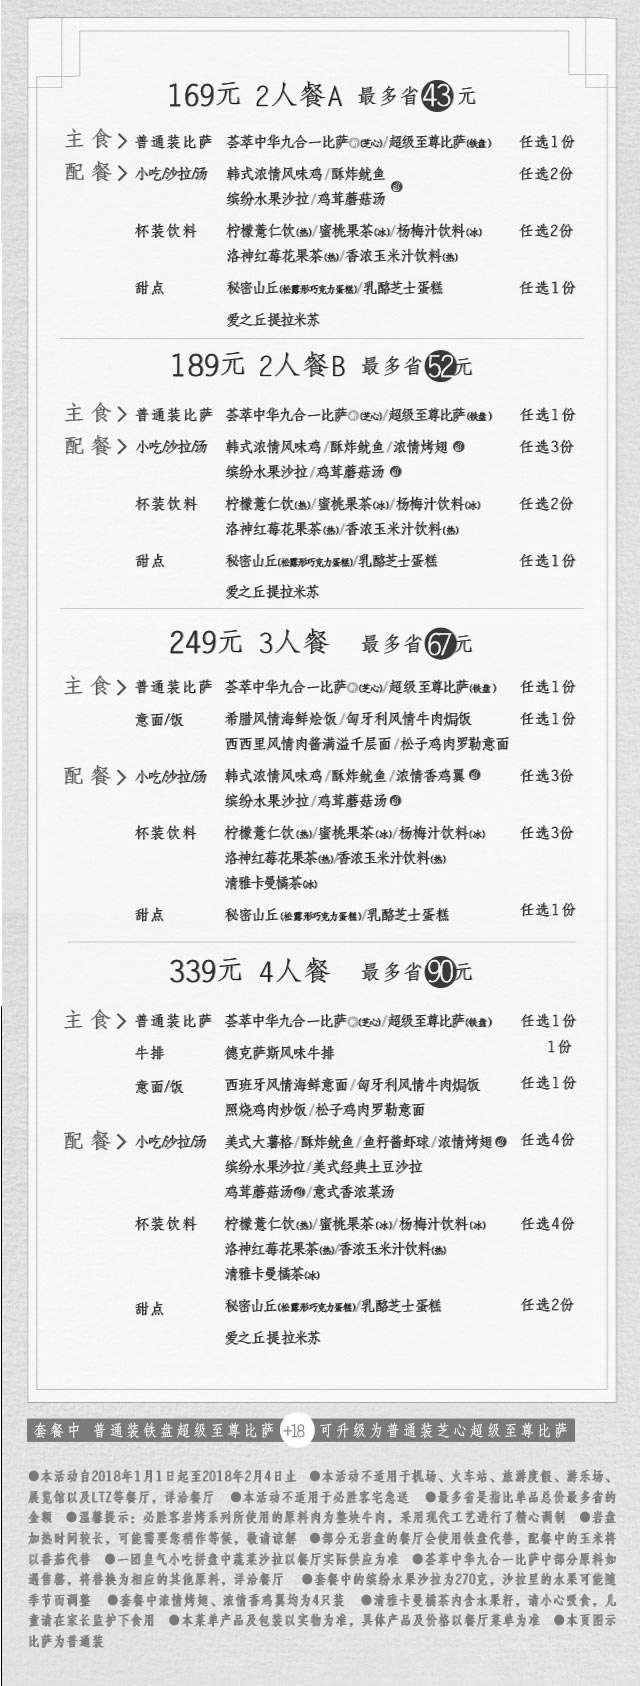 黑白优惠券图片:必胜客荟萃中华九合一比萨套餐169元起,3人套餐249元 - www.5ikfc.com